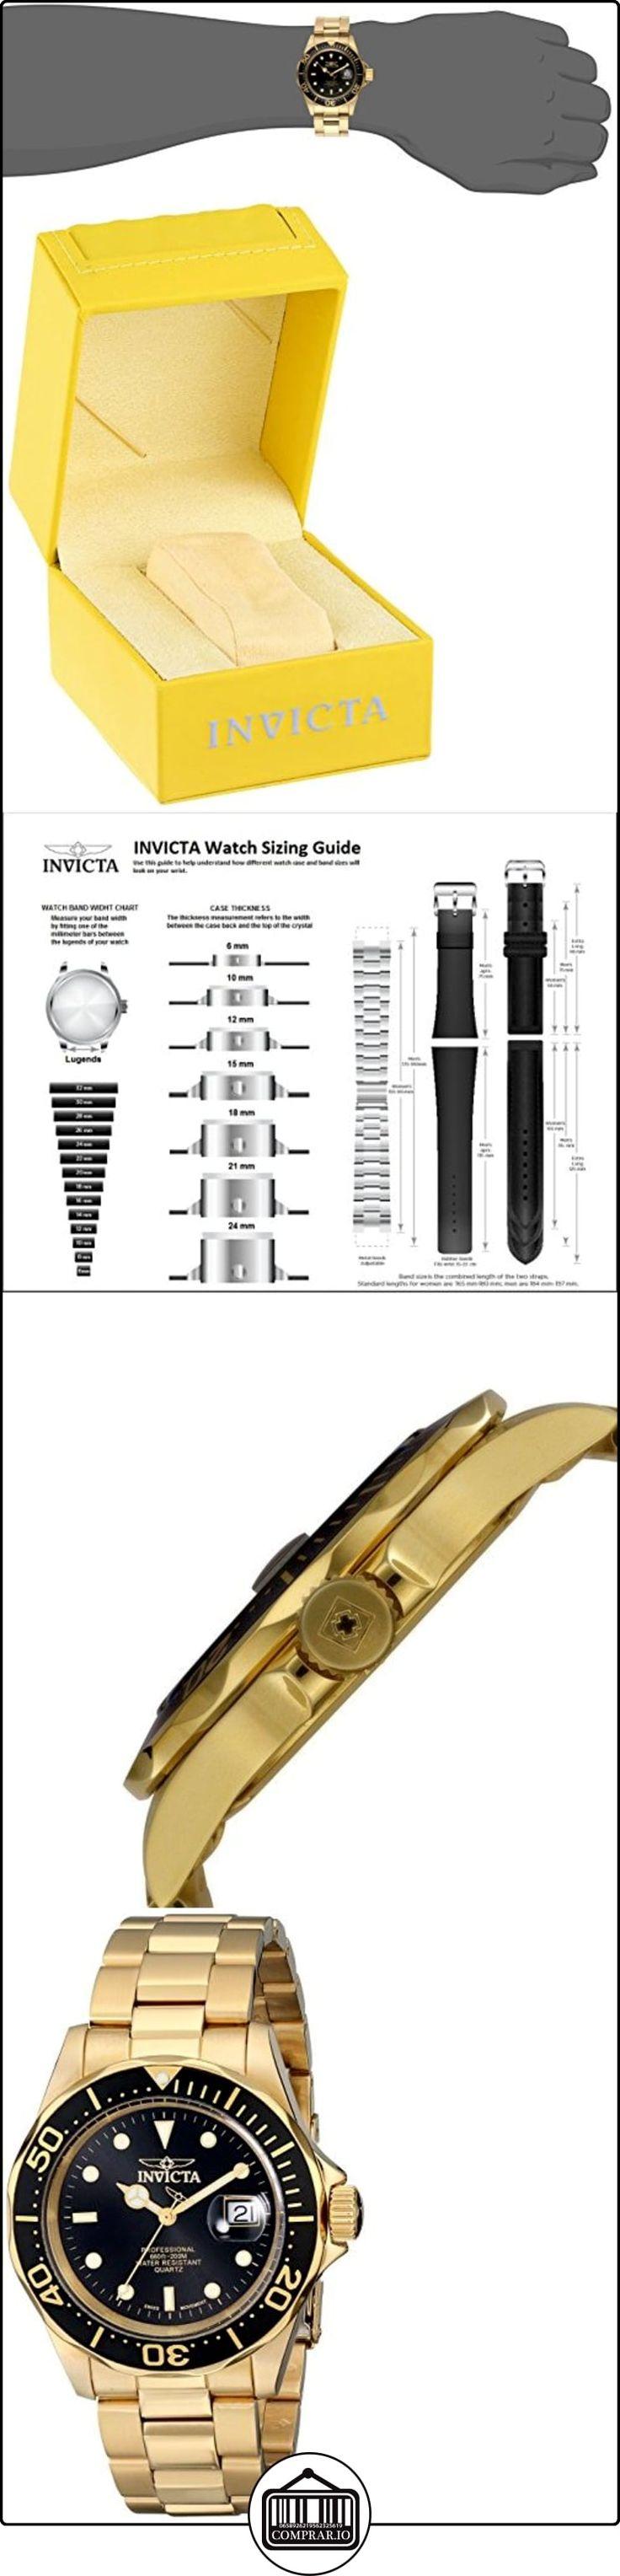 Invicta 9311 - Reloj unisex color negro / dorado  ✿ Relojes para hombre - (Gama media/alta) ✿ ▬► Ver oferta: http://comprar.io/goto/B0009P672Q